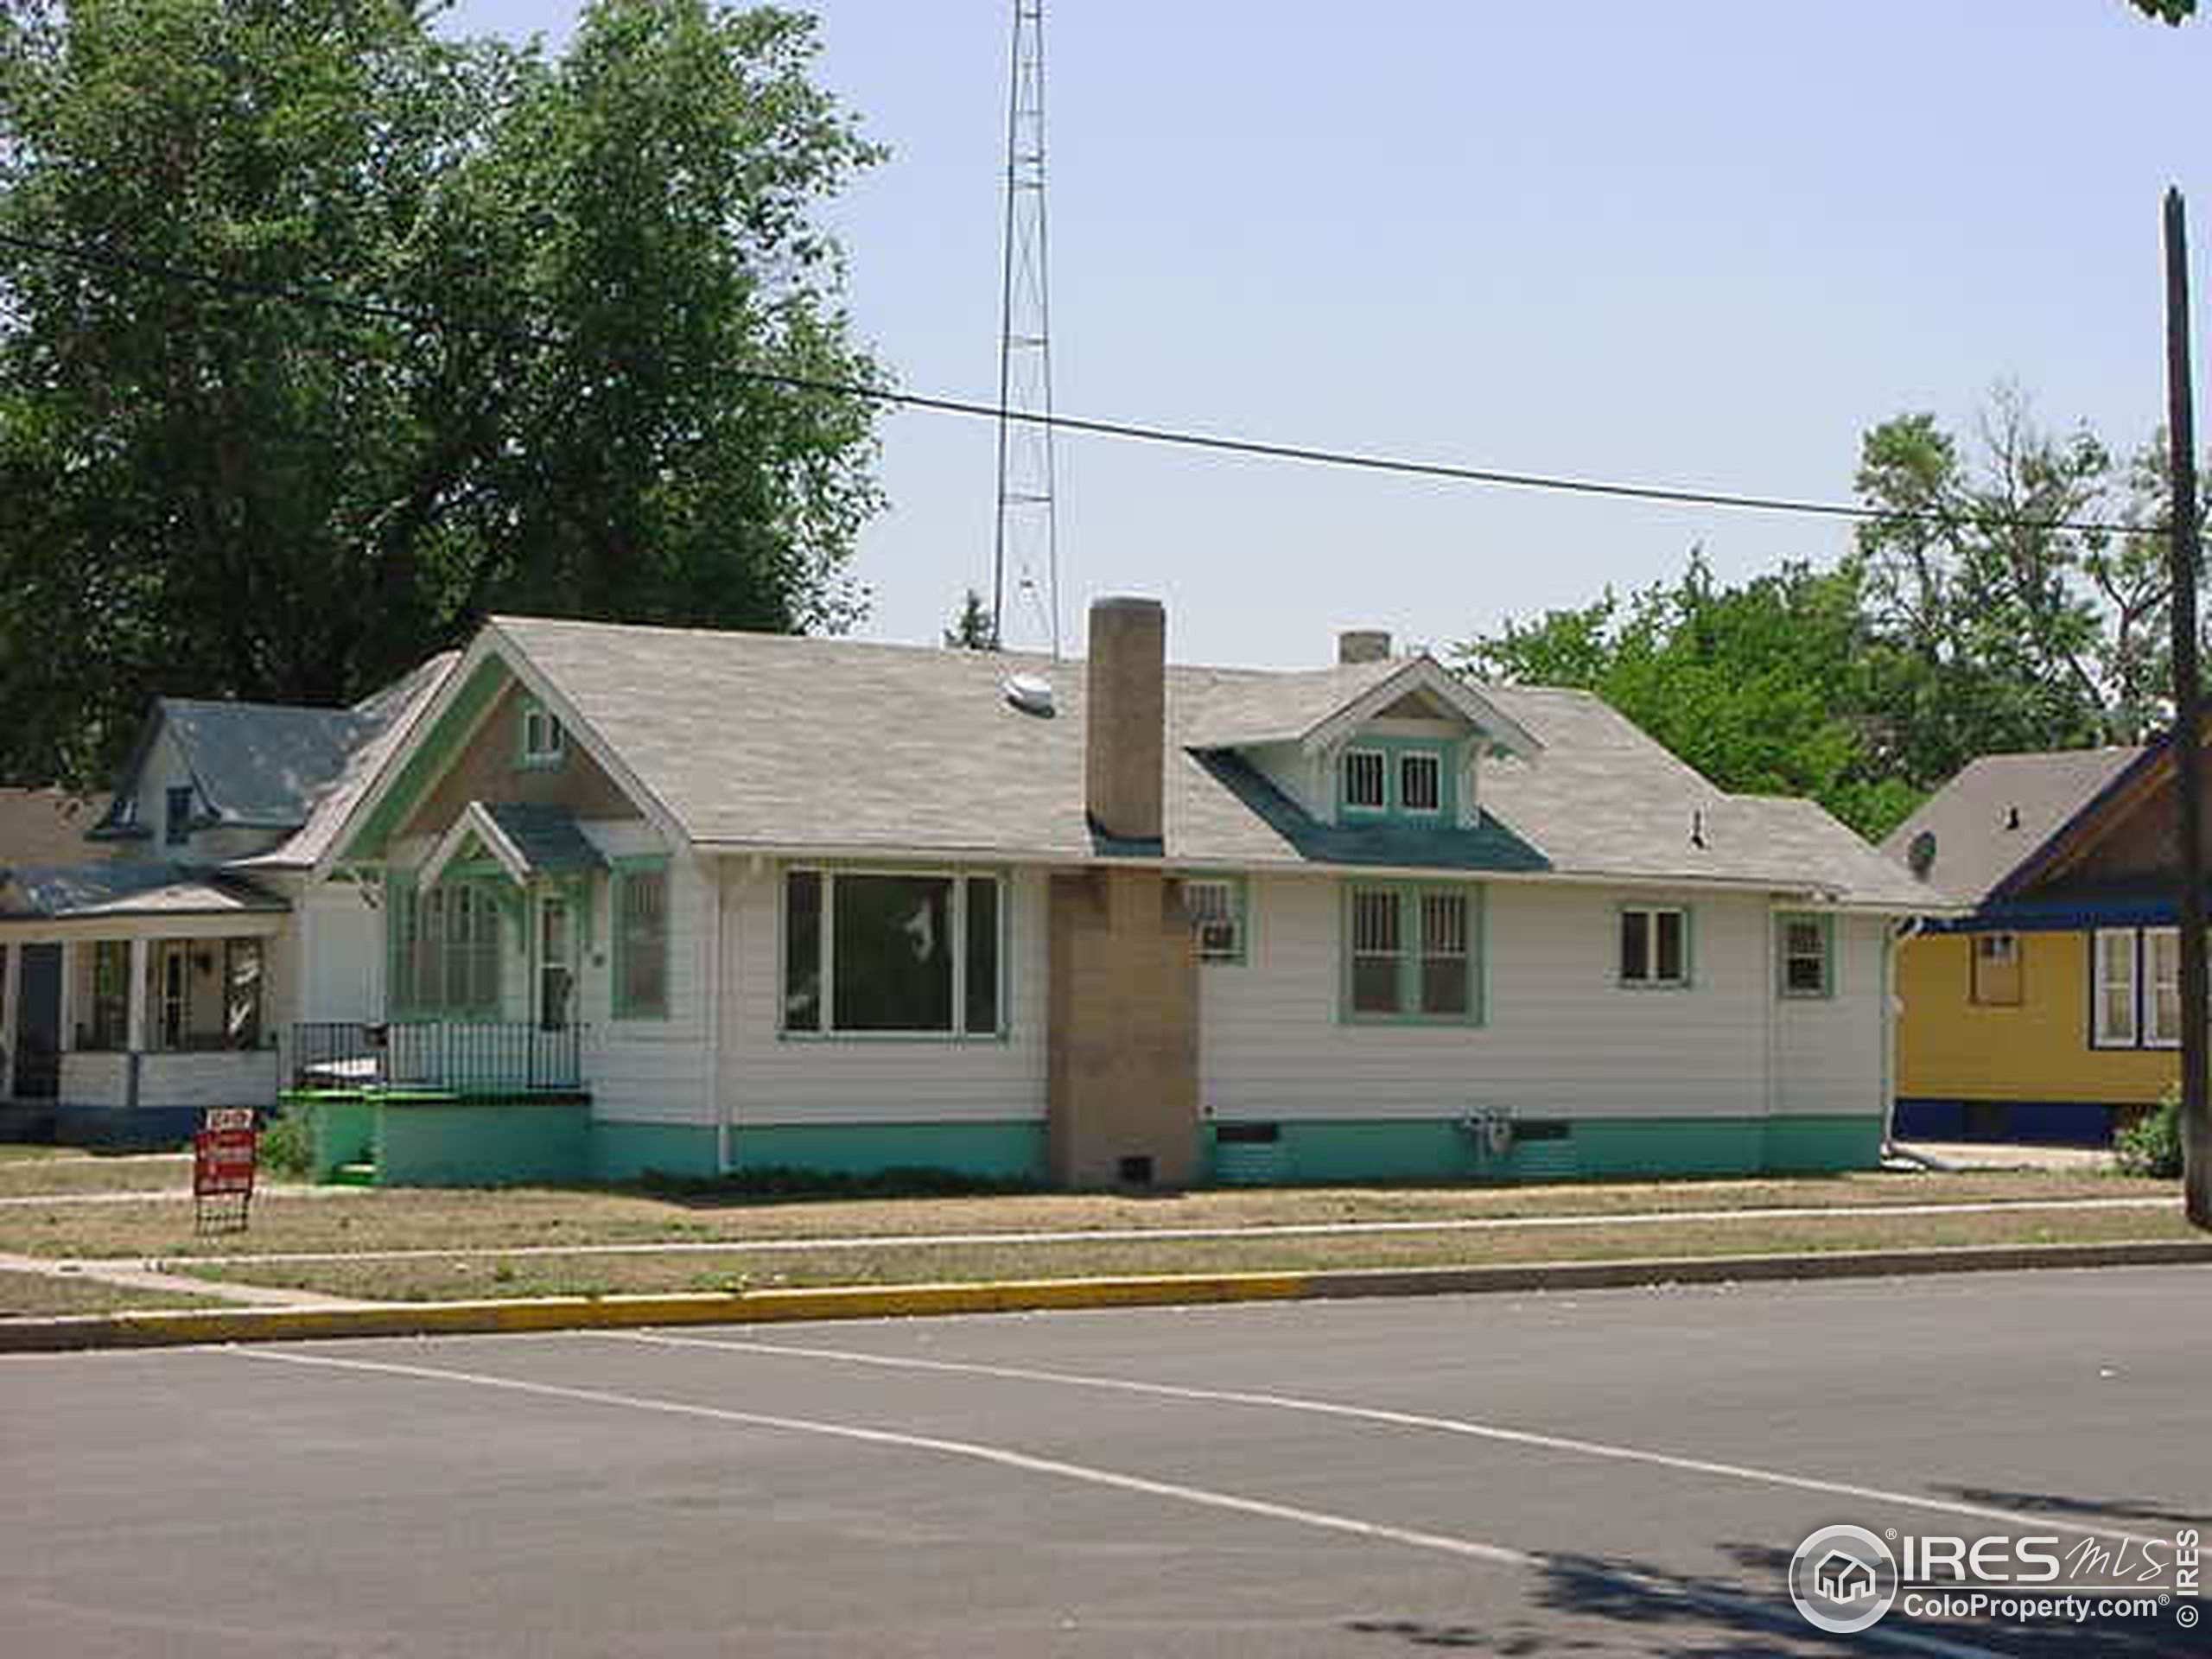 877 S Prairie Dr, Milliken, CO 80543 (MLS #874010) :: 8z Real Estate